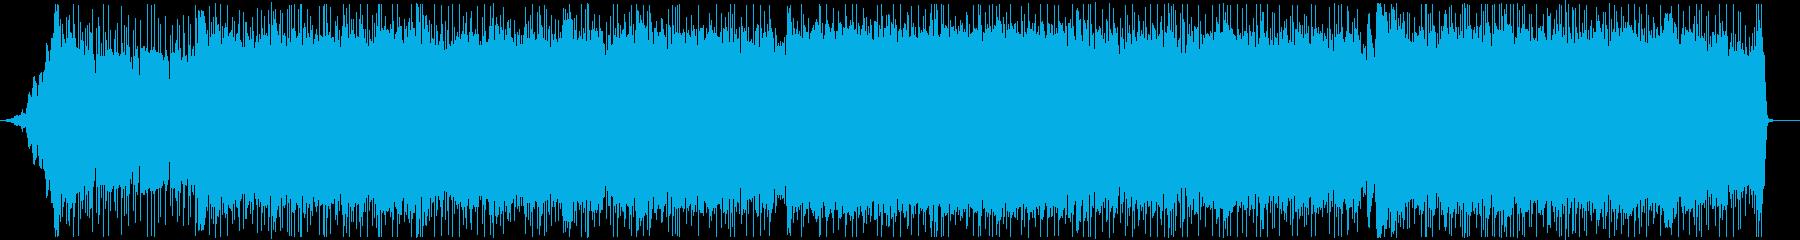 疾走感溢れるロックギターインストの再生済みの波形